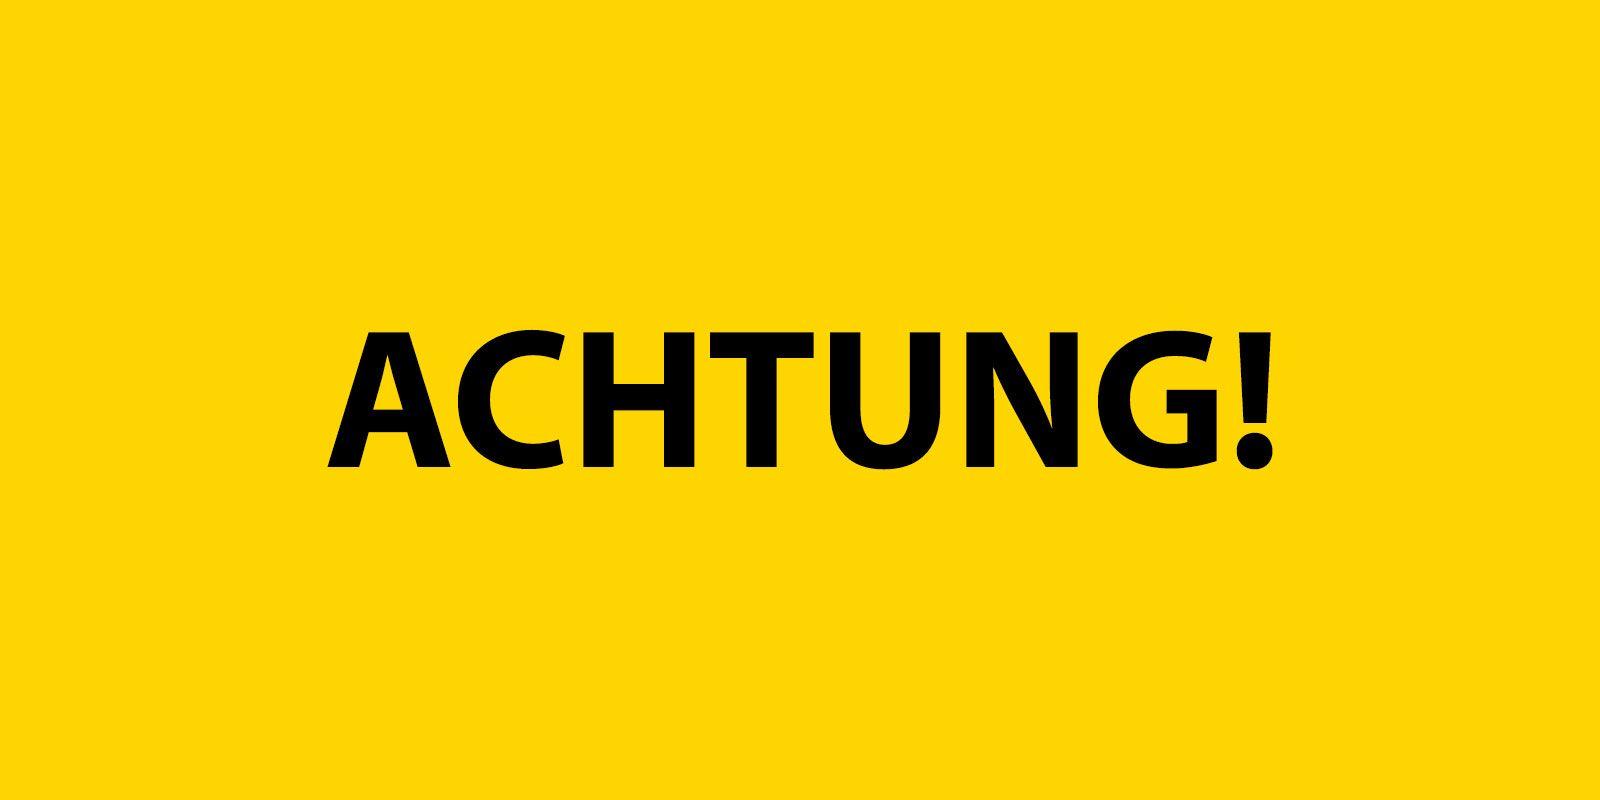 Achtung-d33184d1